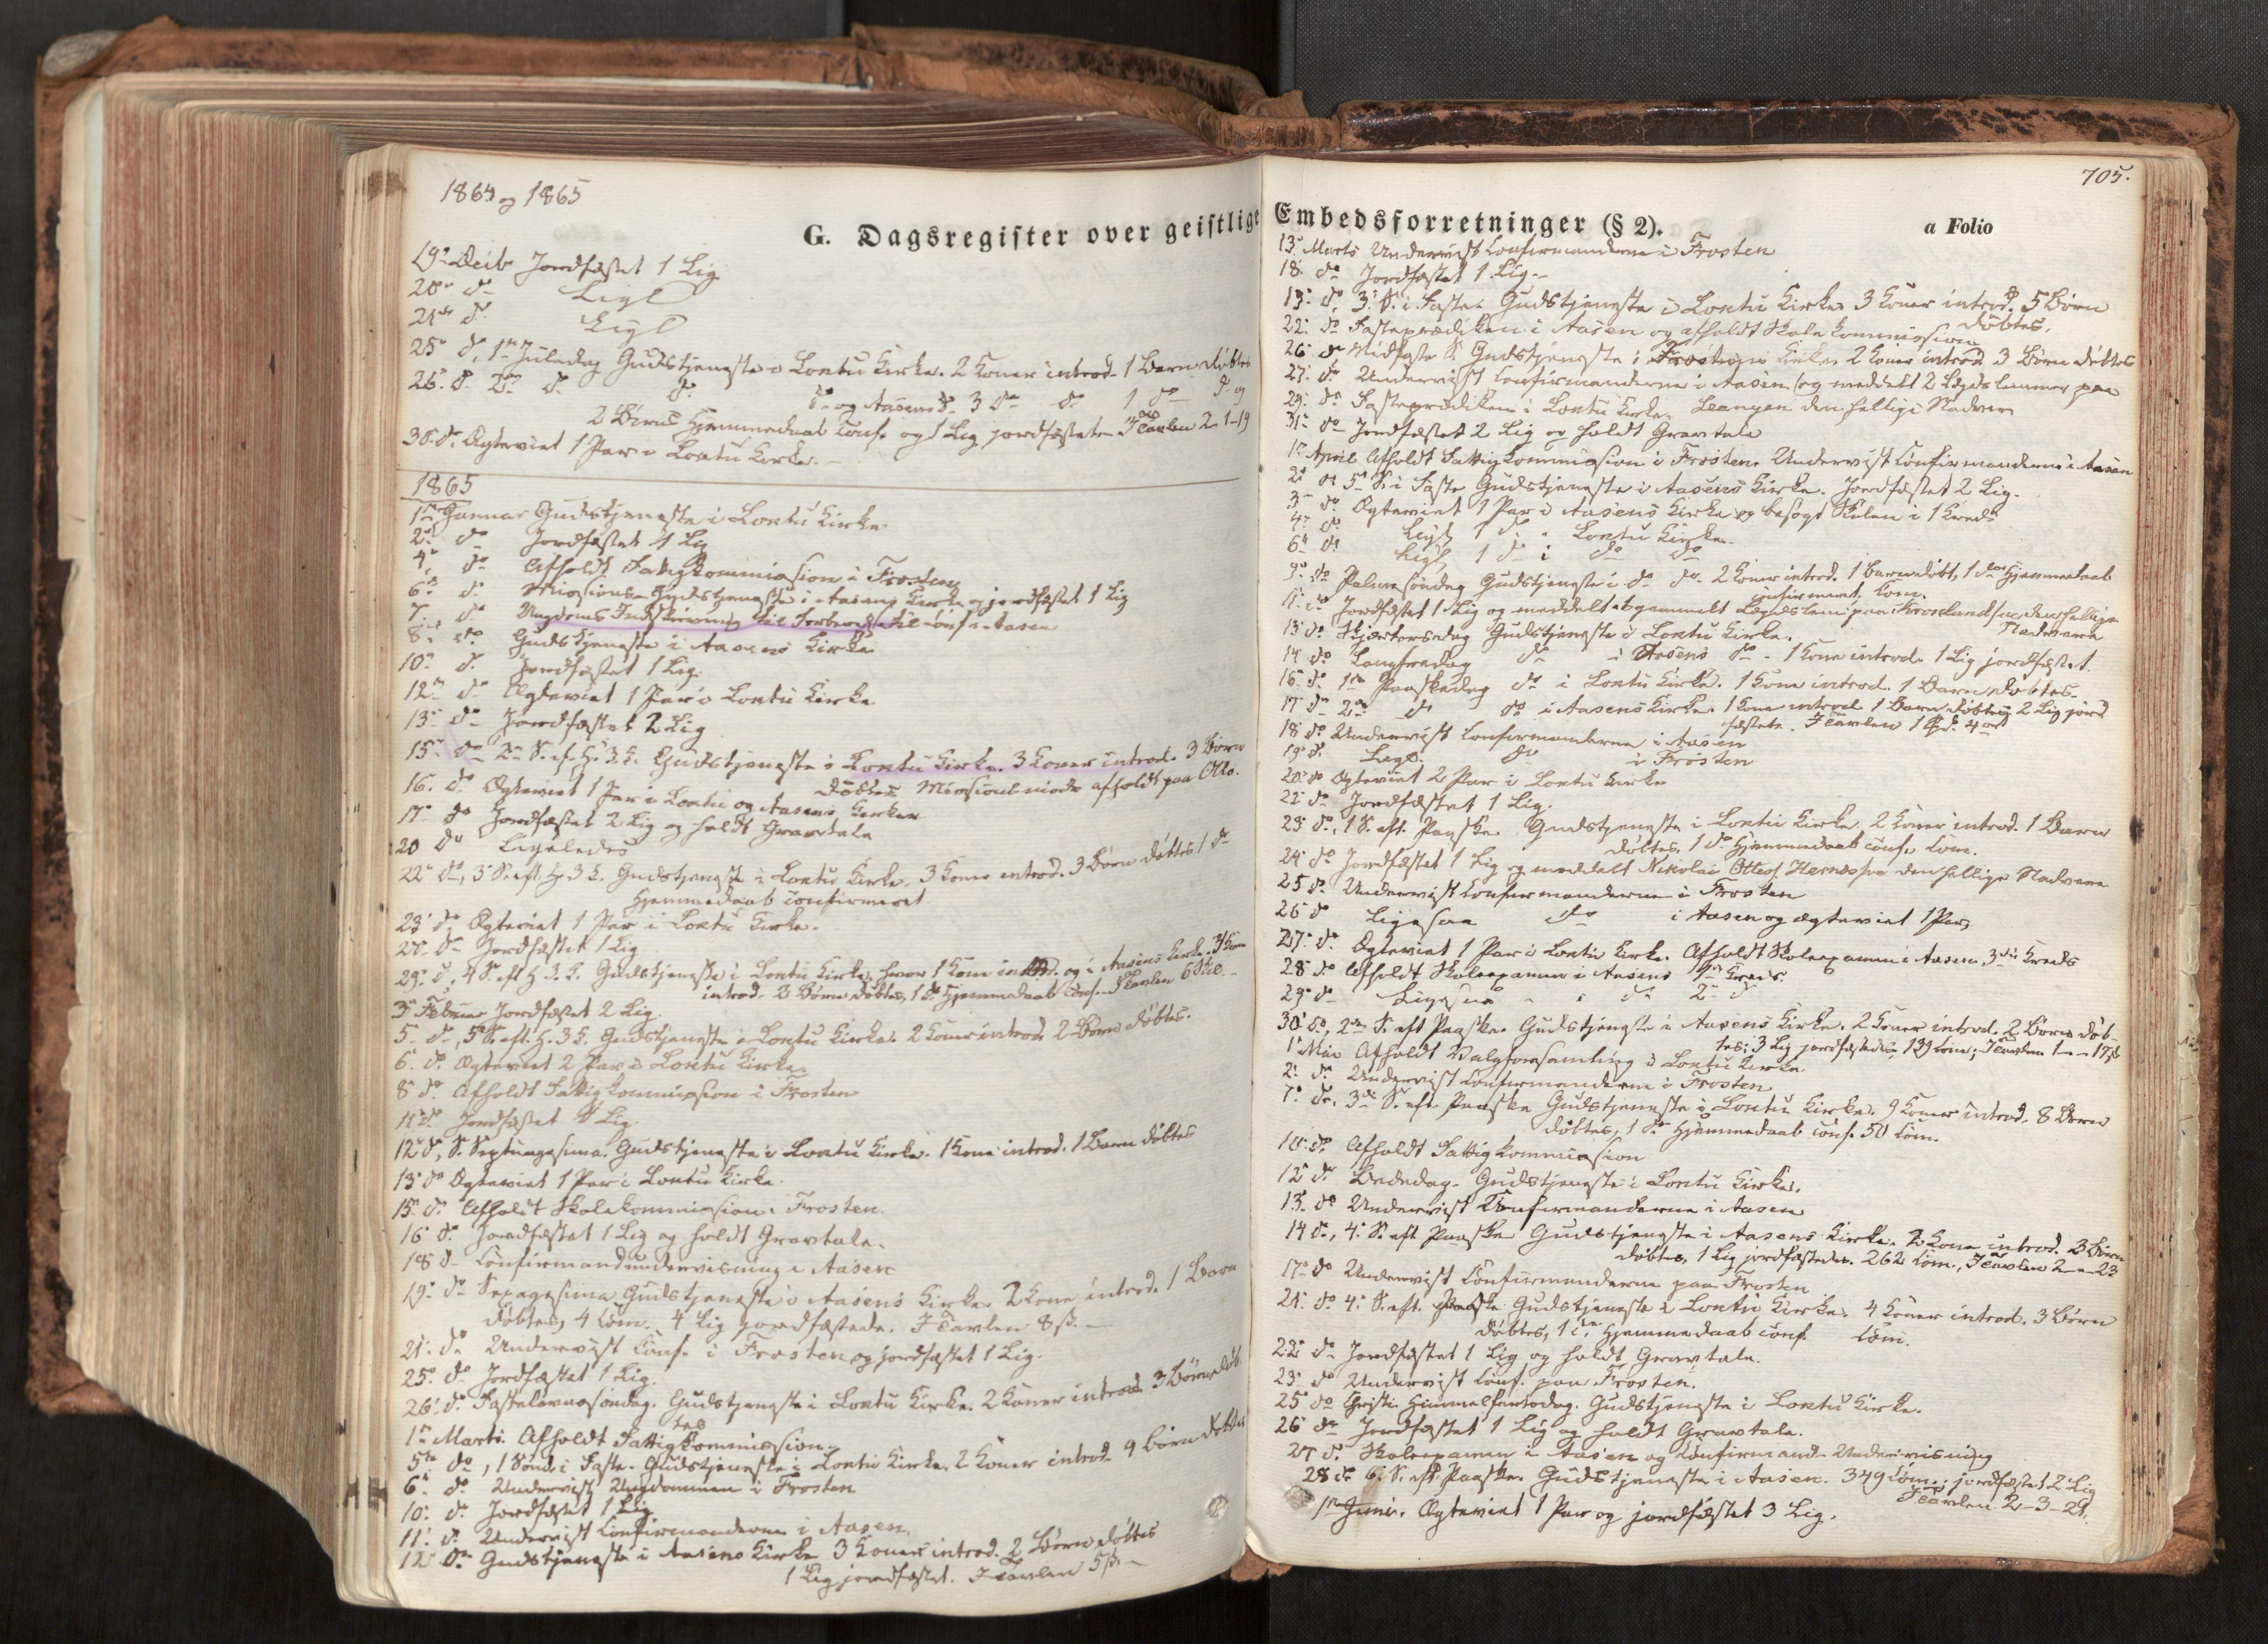 SAT, Ministerialprotokoller, klokkerbøker og fødselsregistre - Nord-Trøndelag, 713/L0116: Ministerialbok nr. 713A07, 1850-1877, s. 705